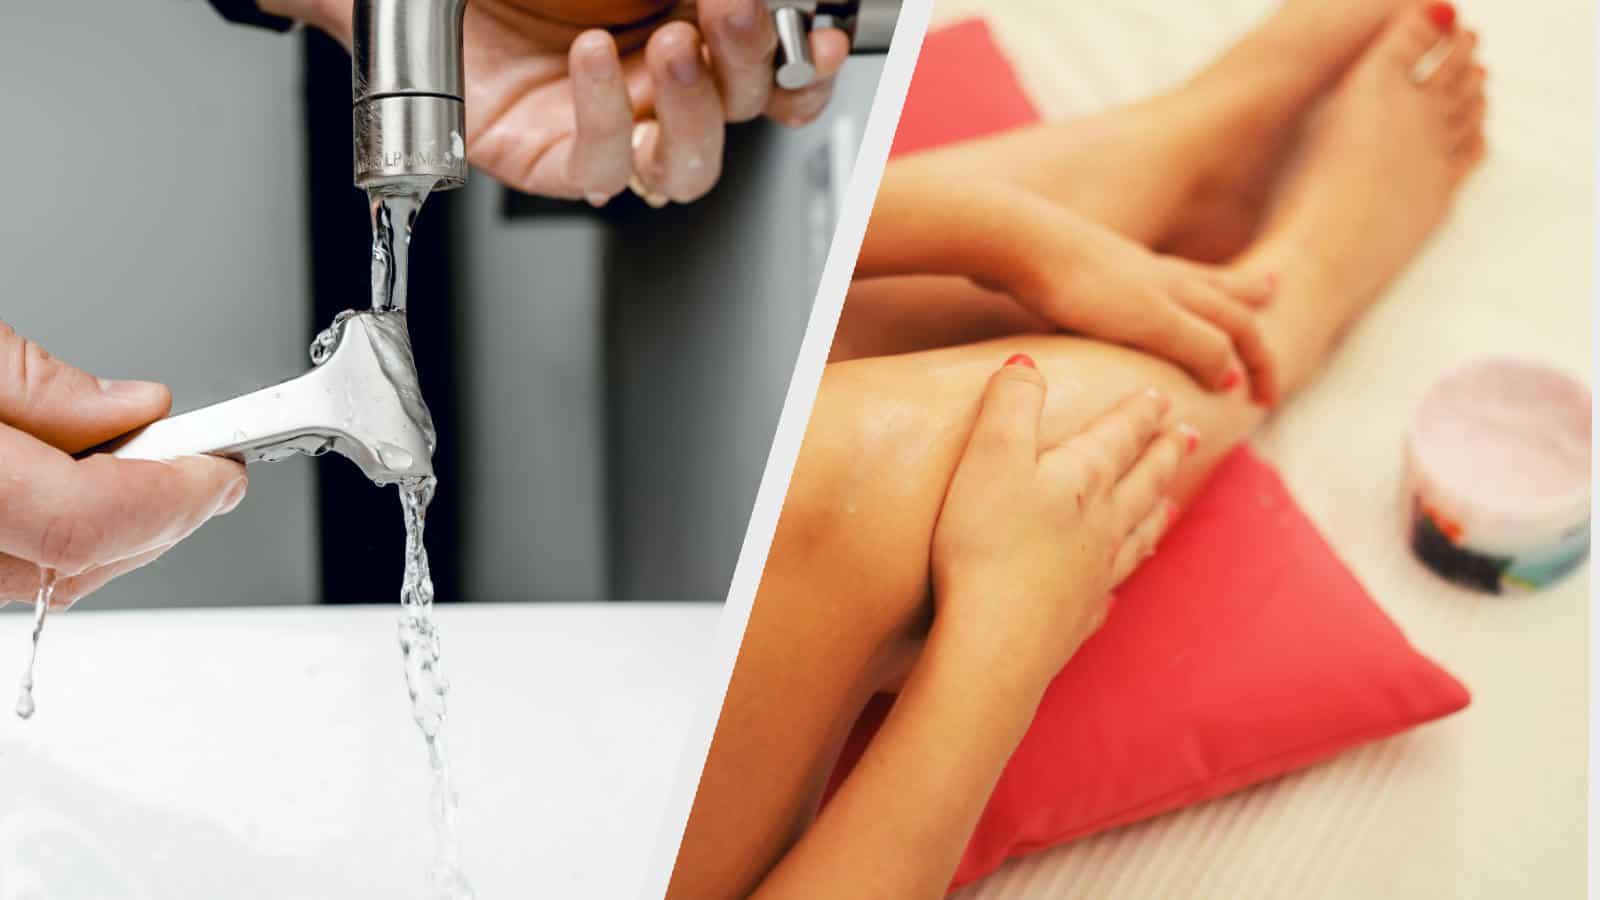 Was tun gegen Rasurbrand? 6 Tipps für Beine, Intimbereich & mehr